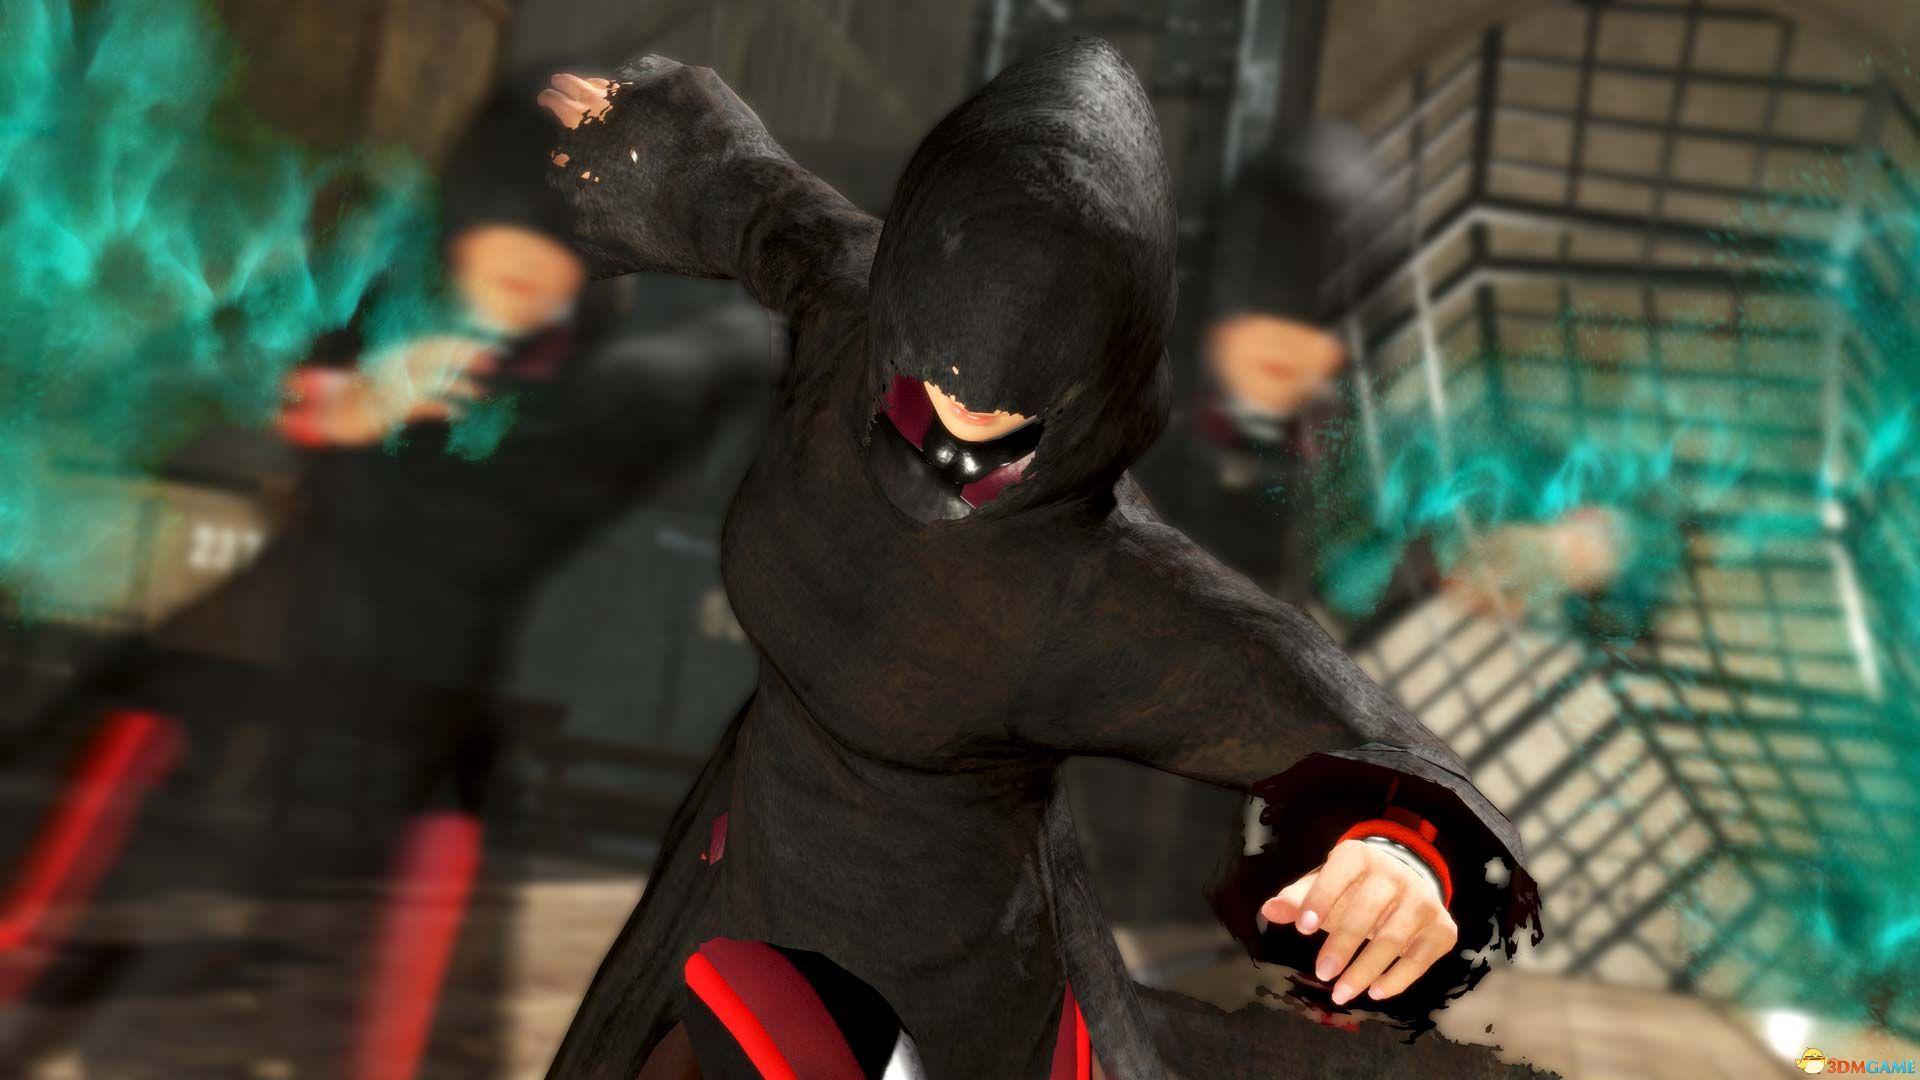 《死或生6》 图文格斗系统指南 全角色图鉴连段必杀出招表